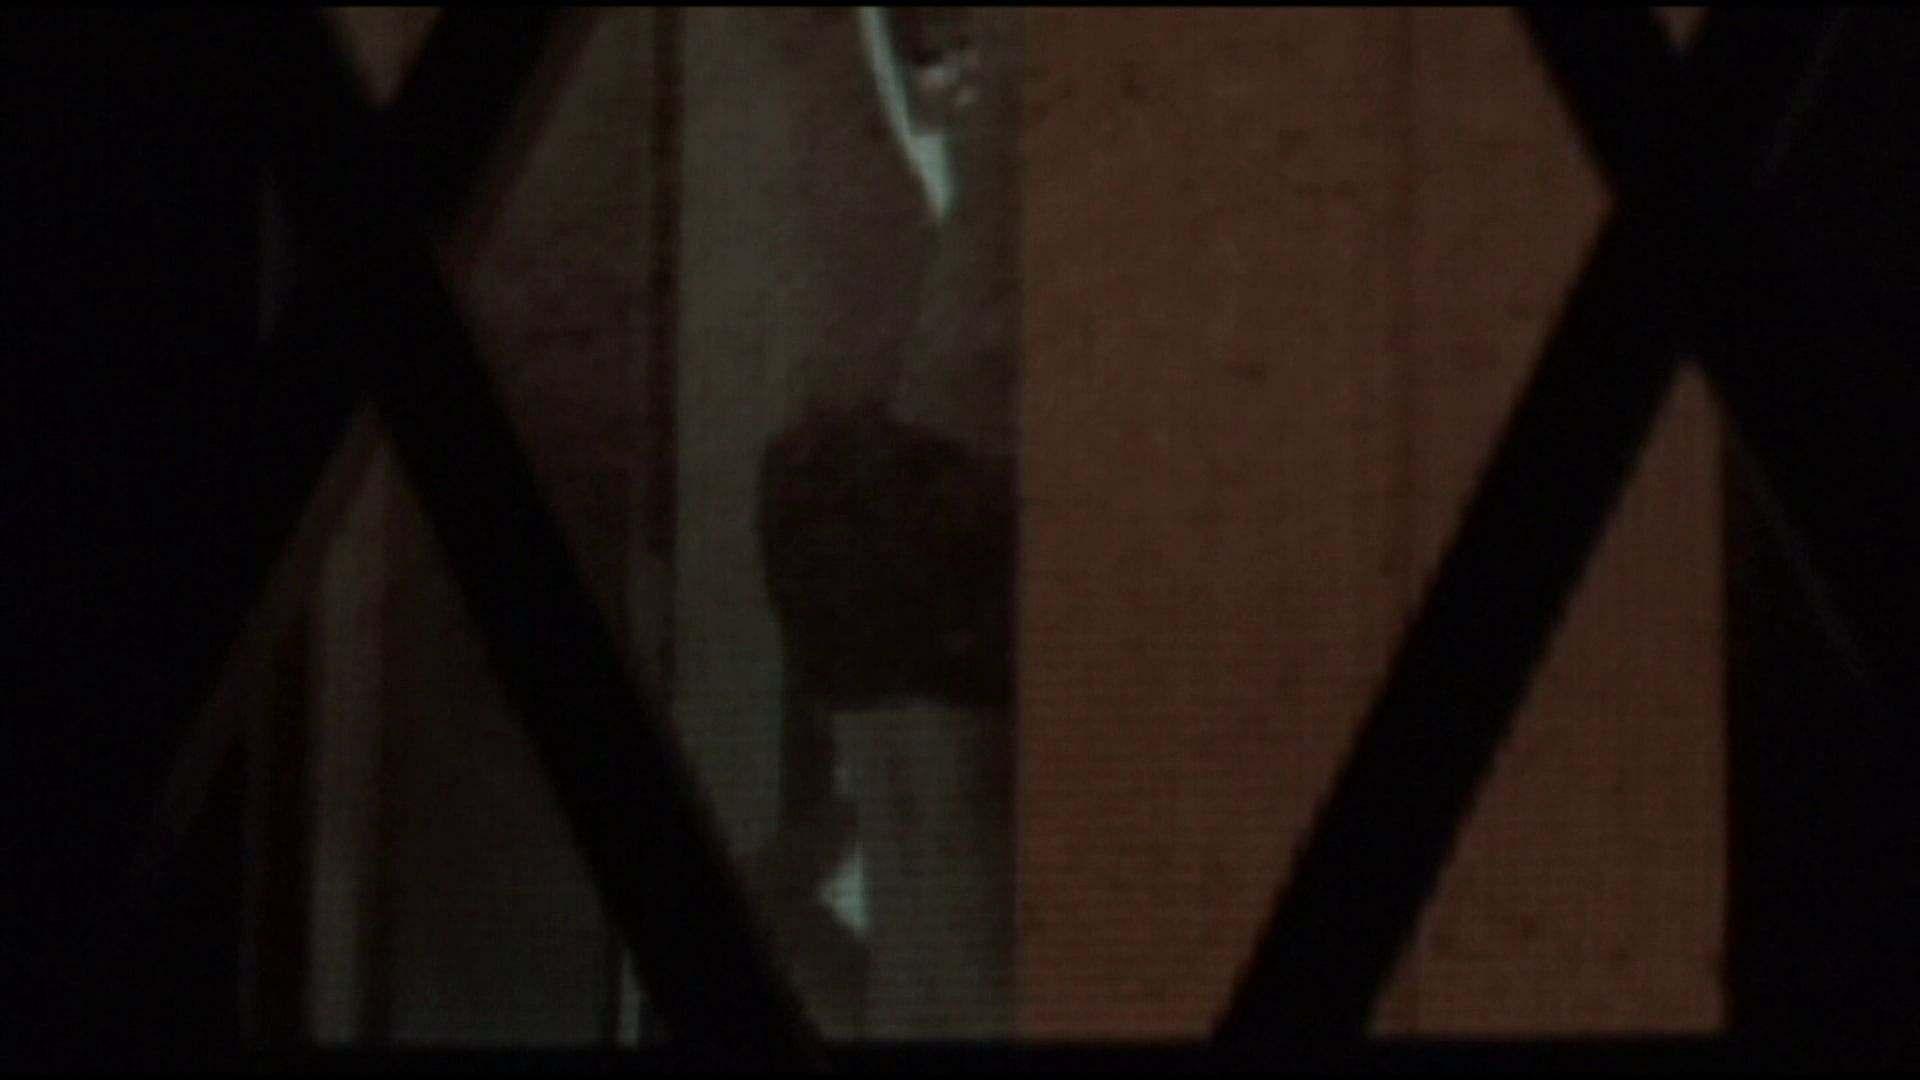 民家の騎士さんの最後の性戦ハイビジョン!!No.47 テクニック すけべAV動画紹介 77pic 6